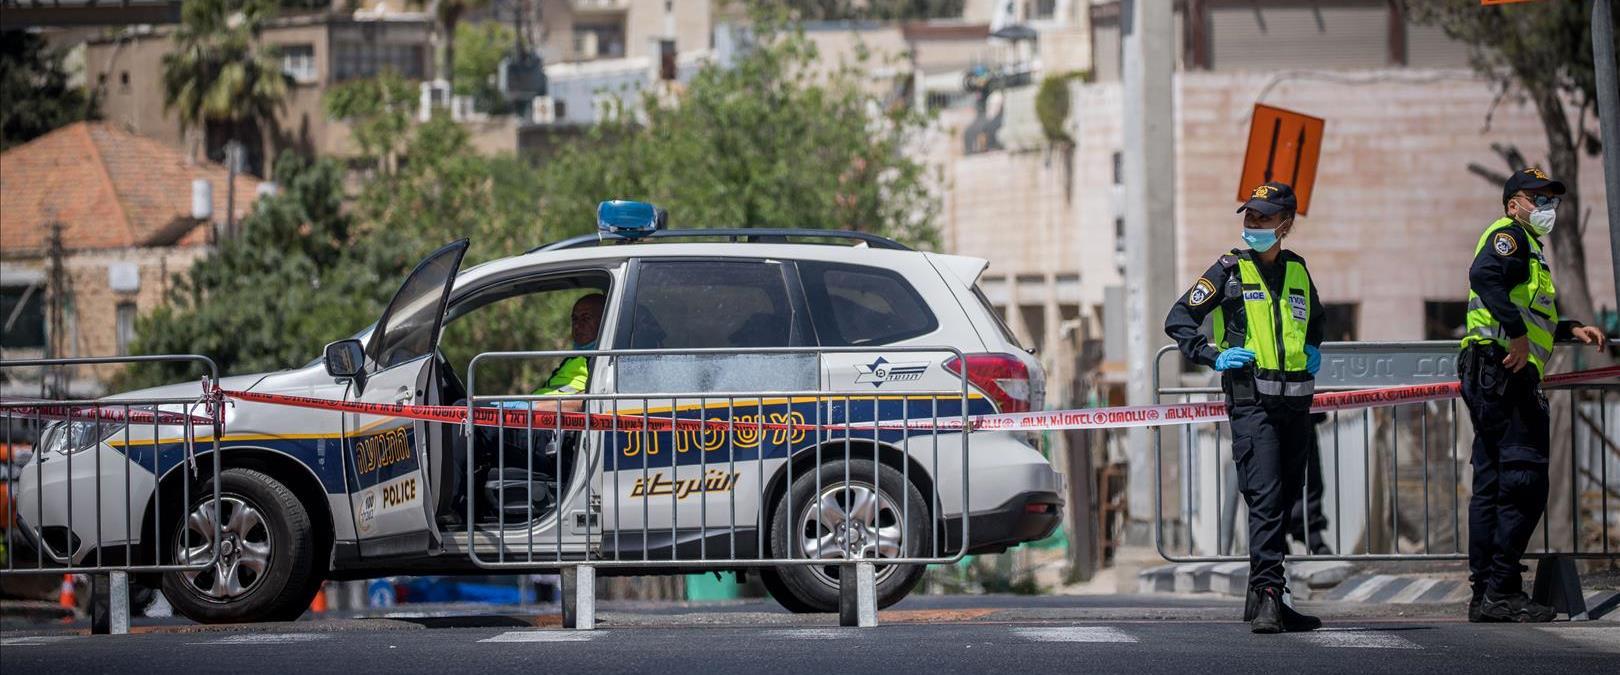 סגר בשכונת רוממה בירושלים